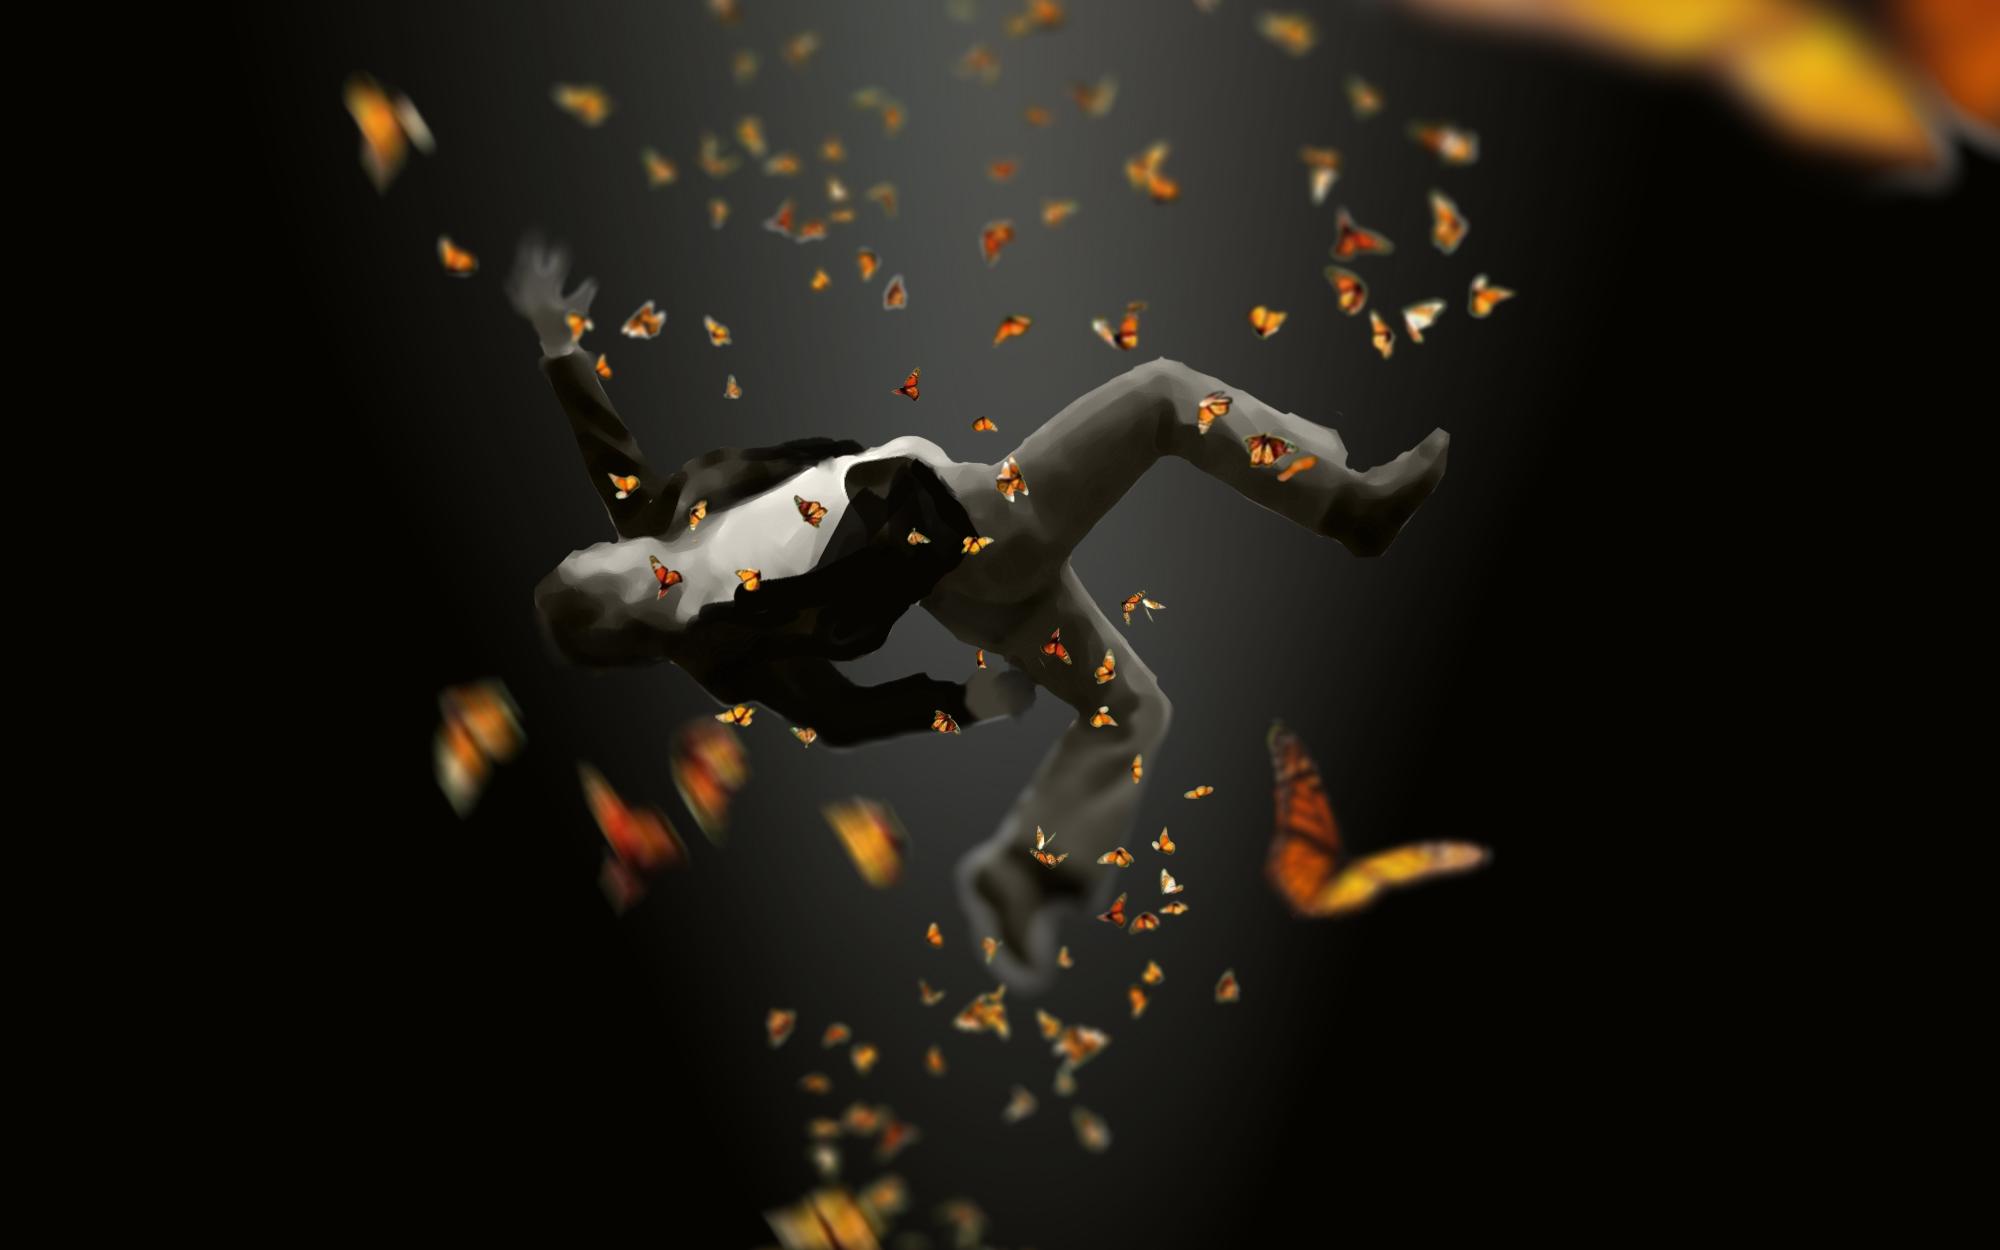 Александер падает вниз сквозь долину кружащихся бабочек.